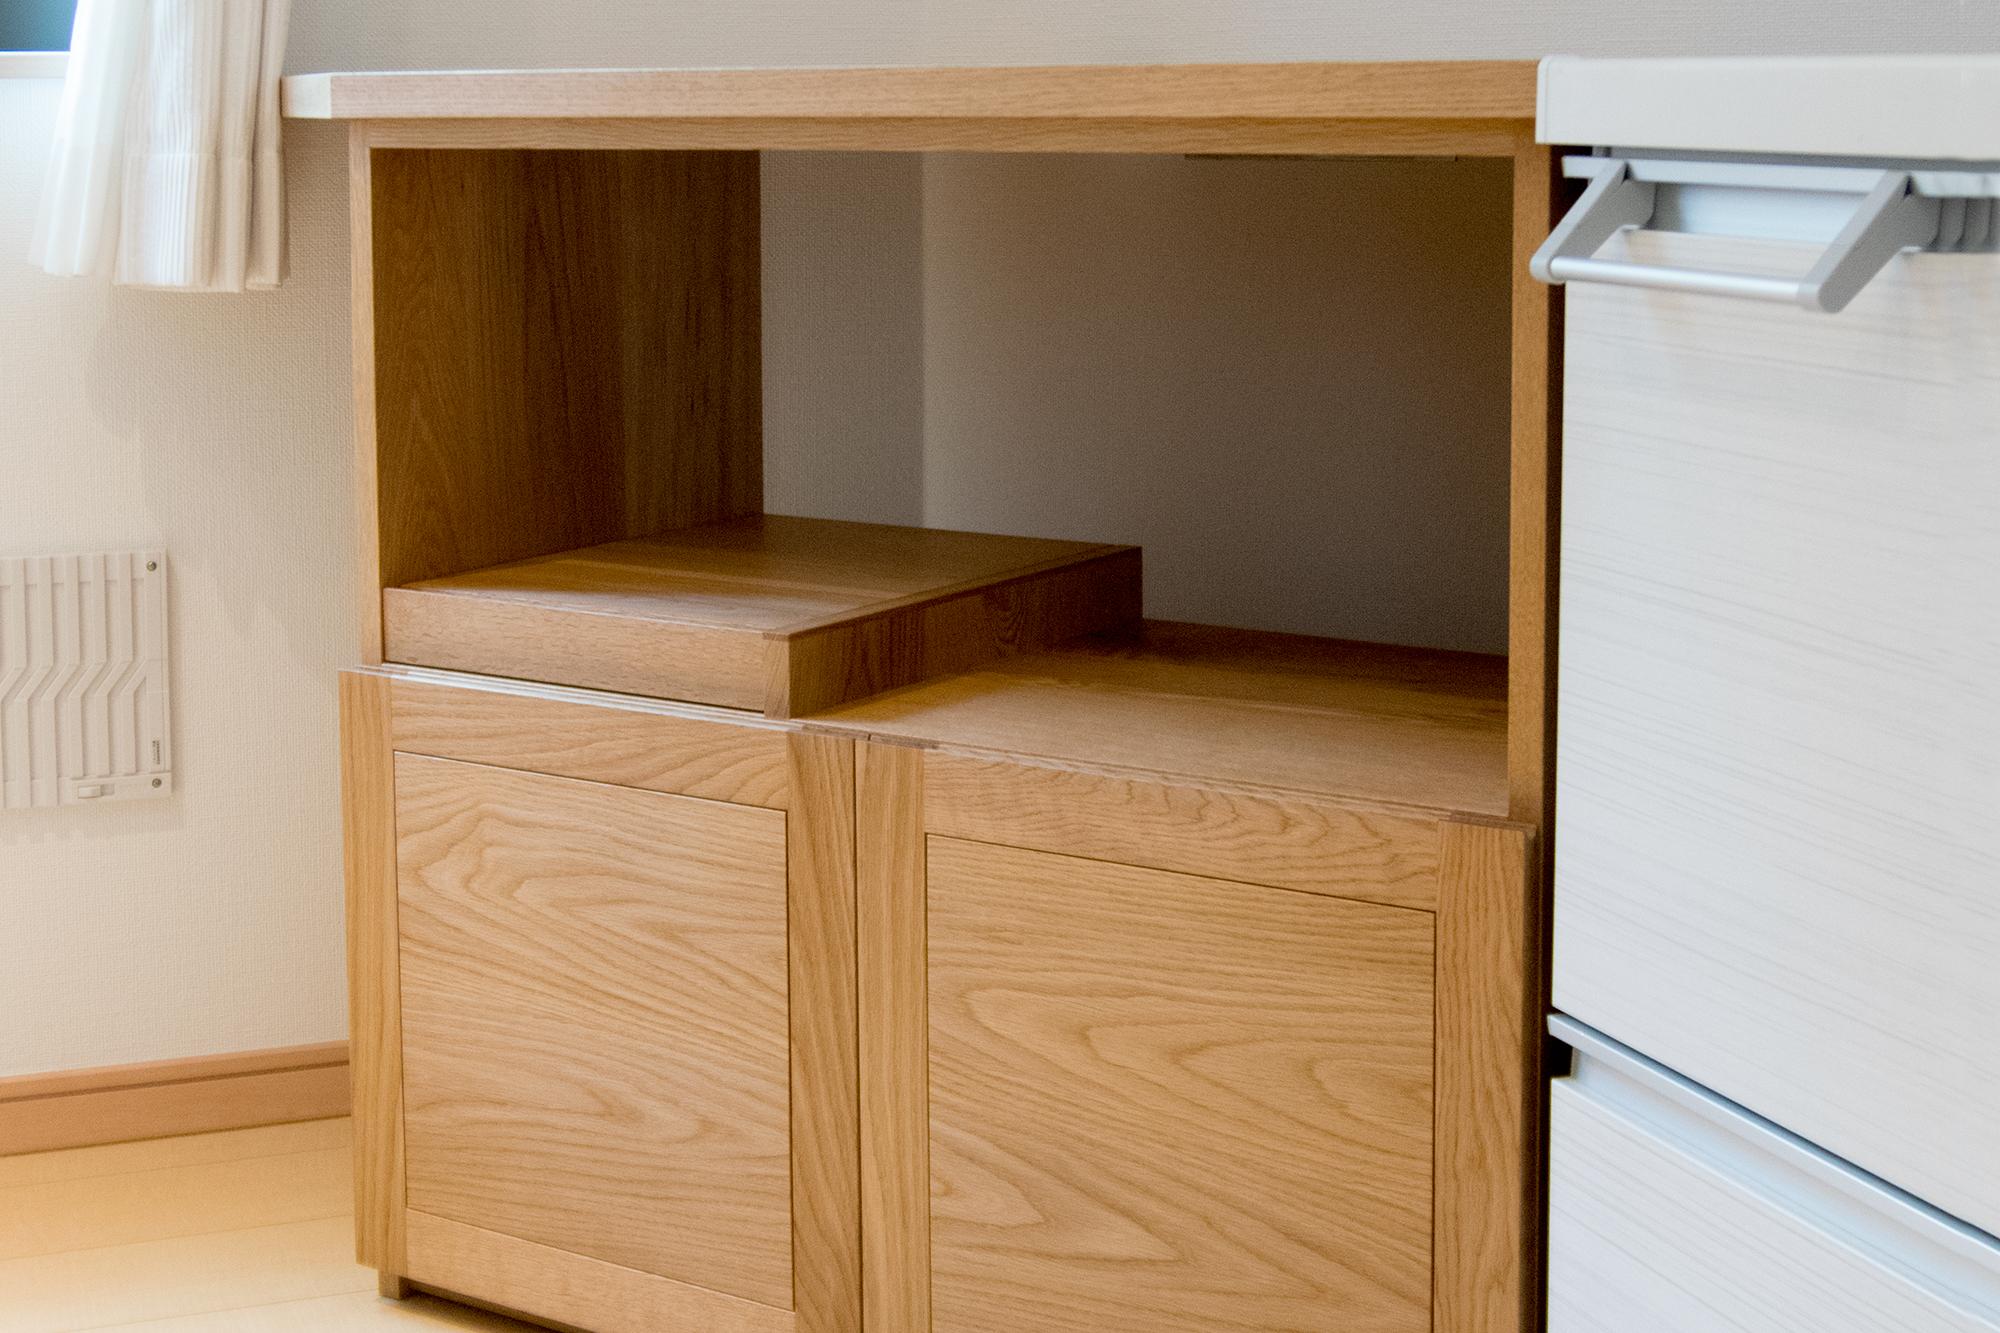 無垢材を贅沢につかったキッチンコーナー収納